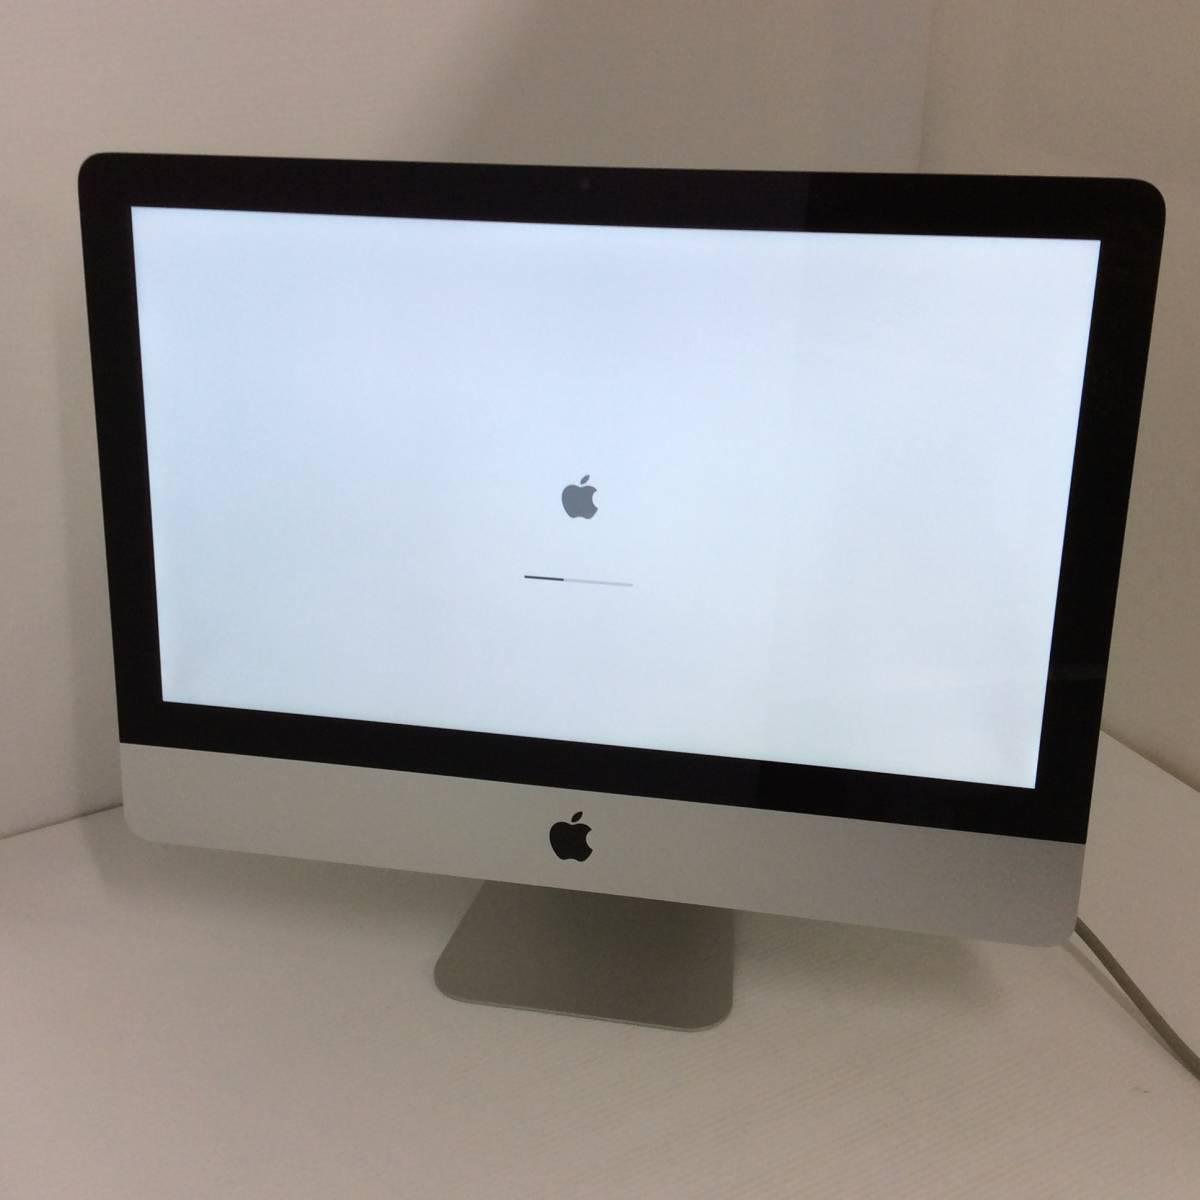 Apple iMac A1311 (21.5-inch, Mid 2010) /Intel Core i5-680 3.60GHz/4GB/1TB R300_画像2